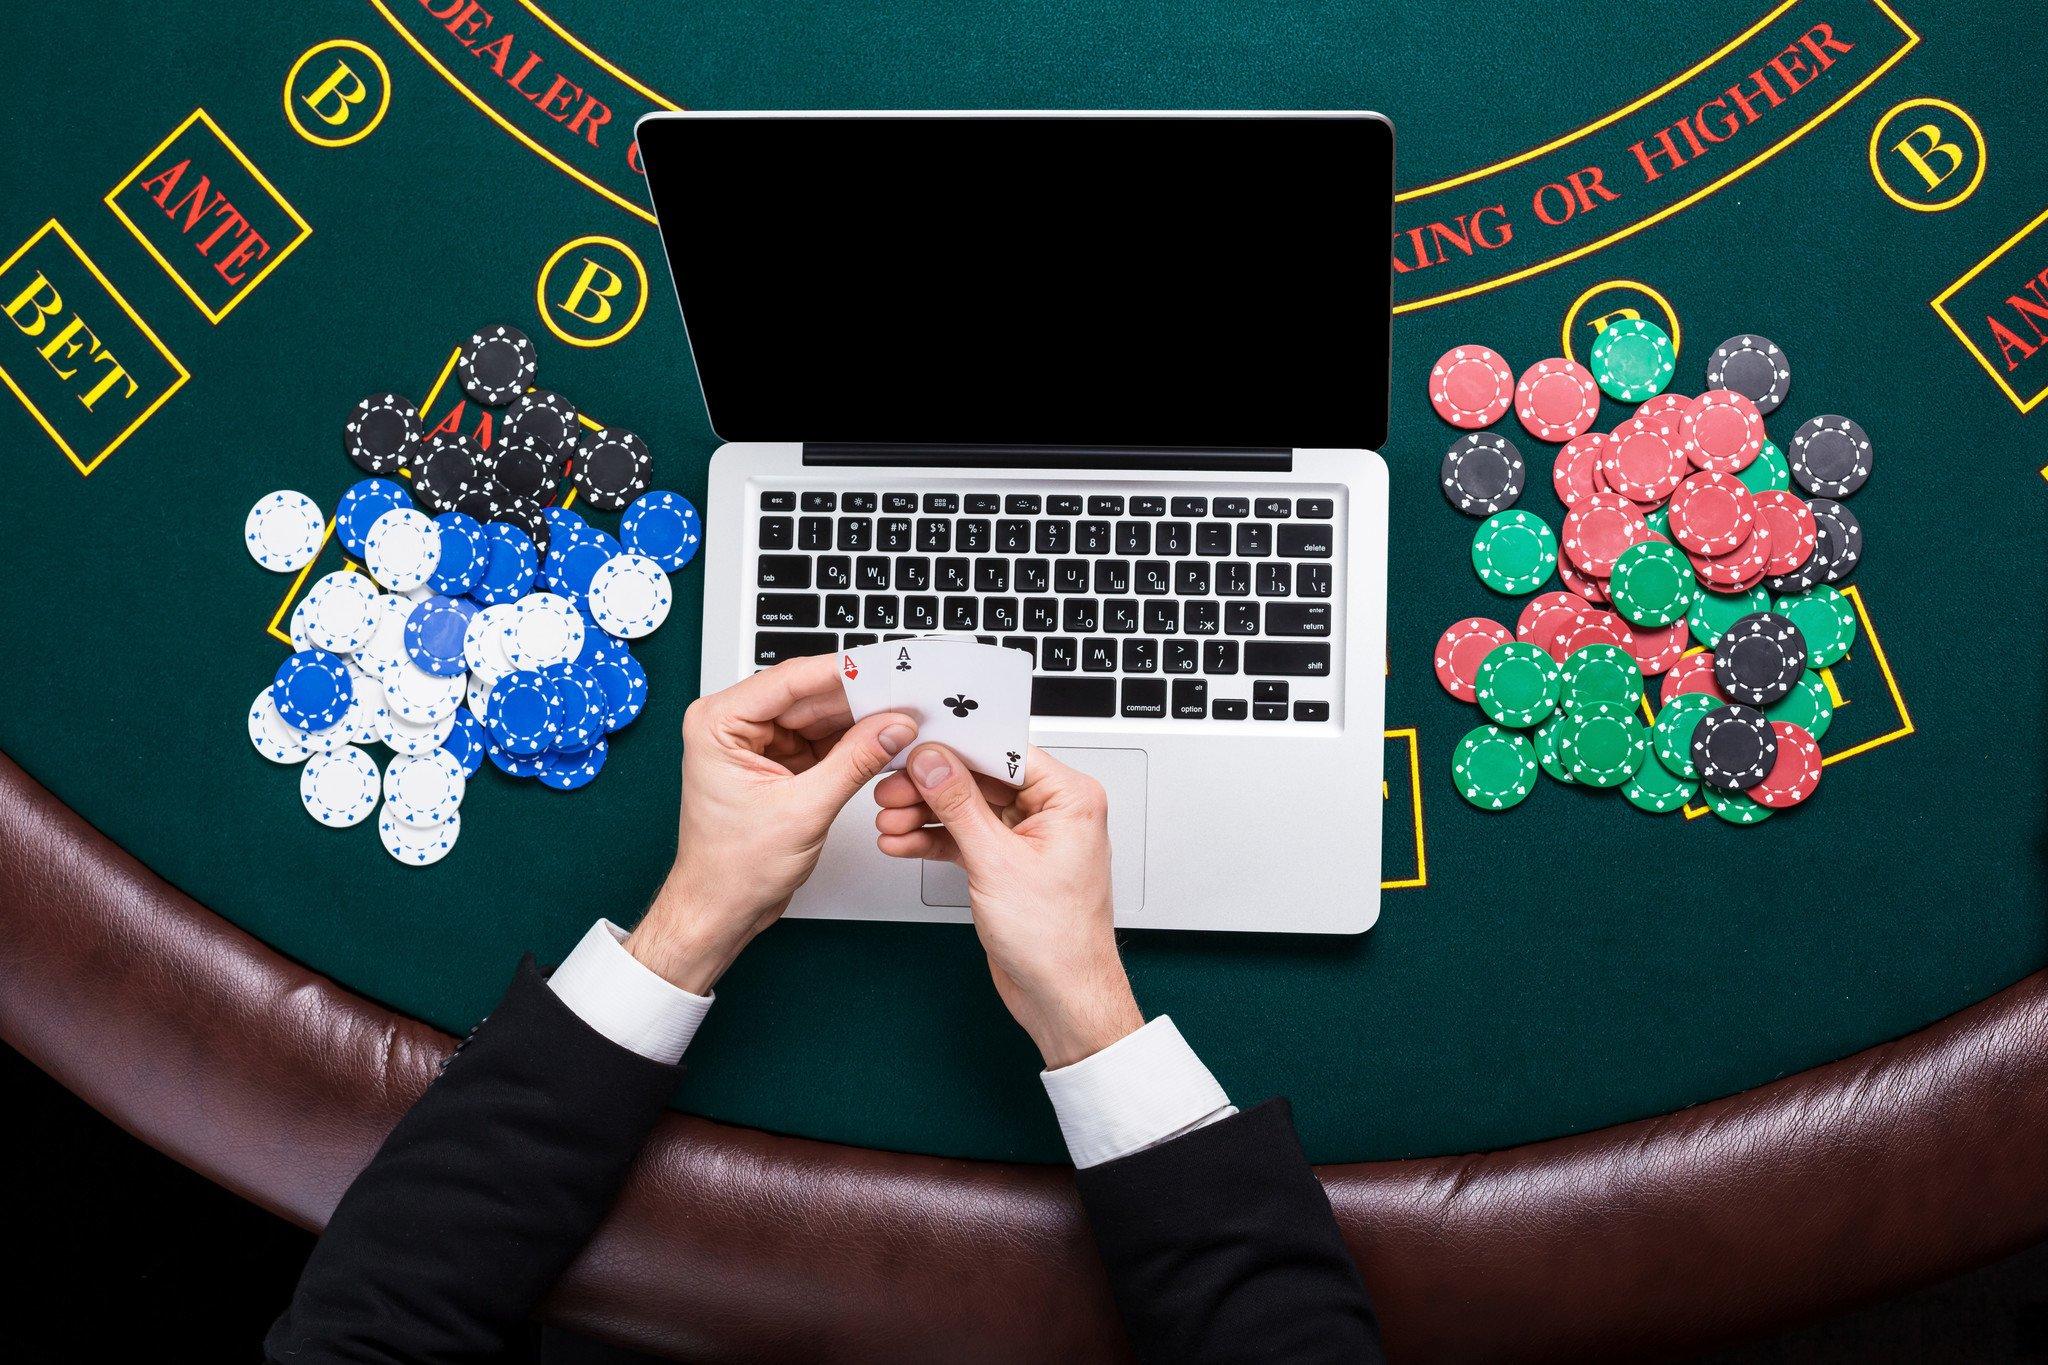 Süni zəka 4 professional poker oyunçusunu udaraq 1.8 milyon dolları necə qazandı?